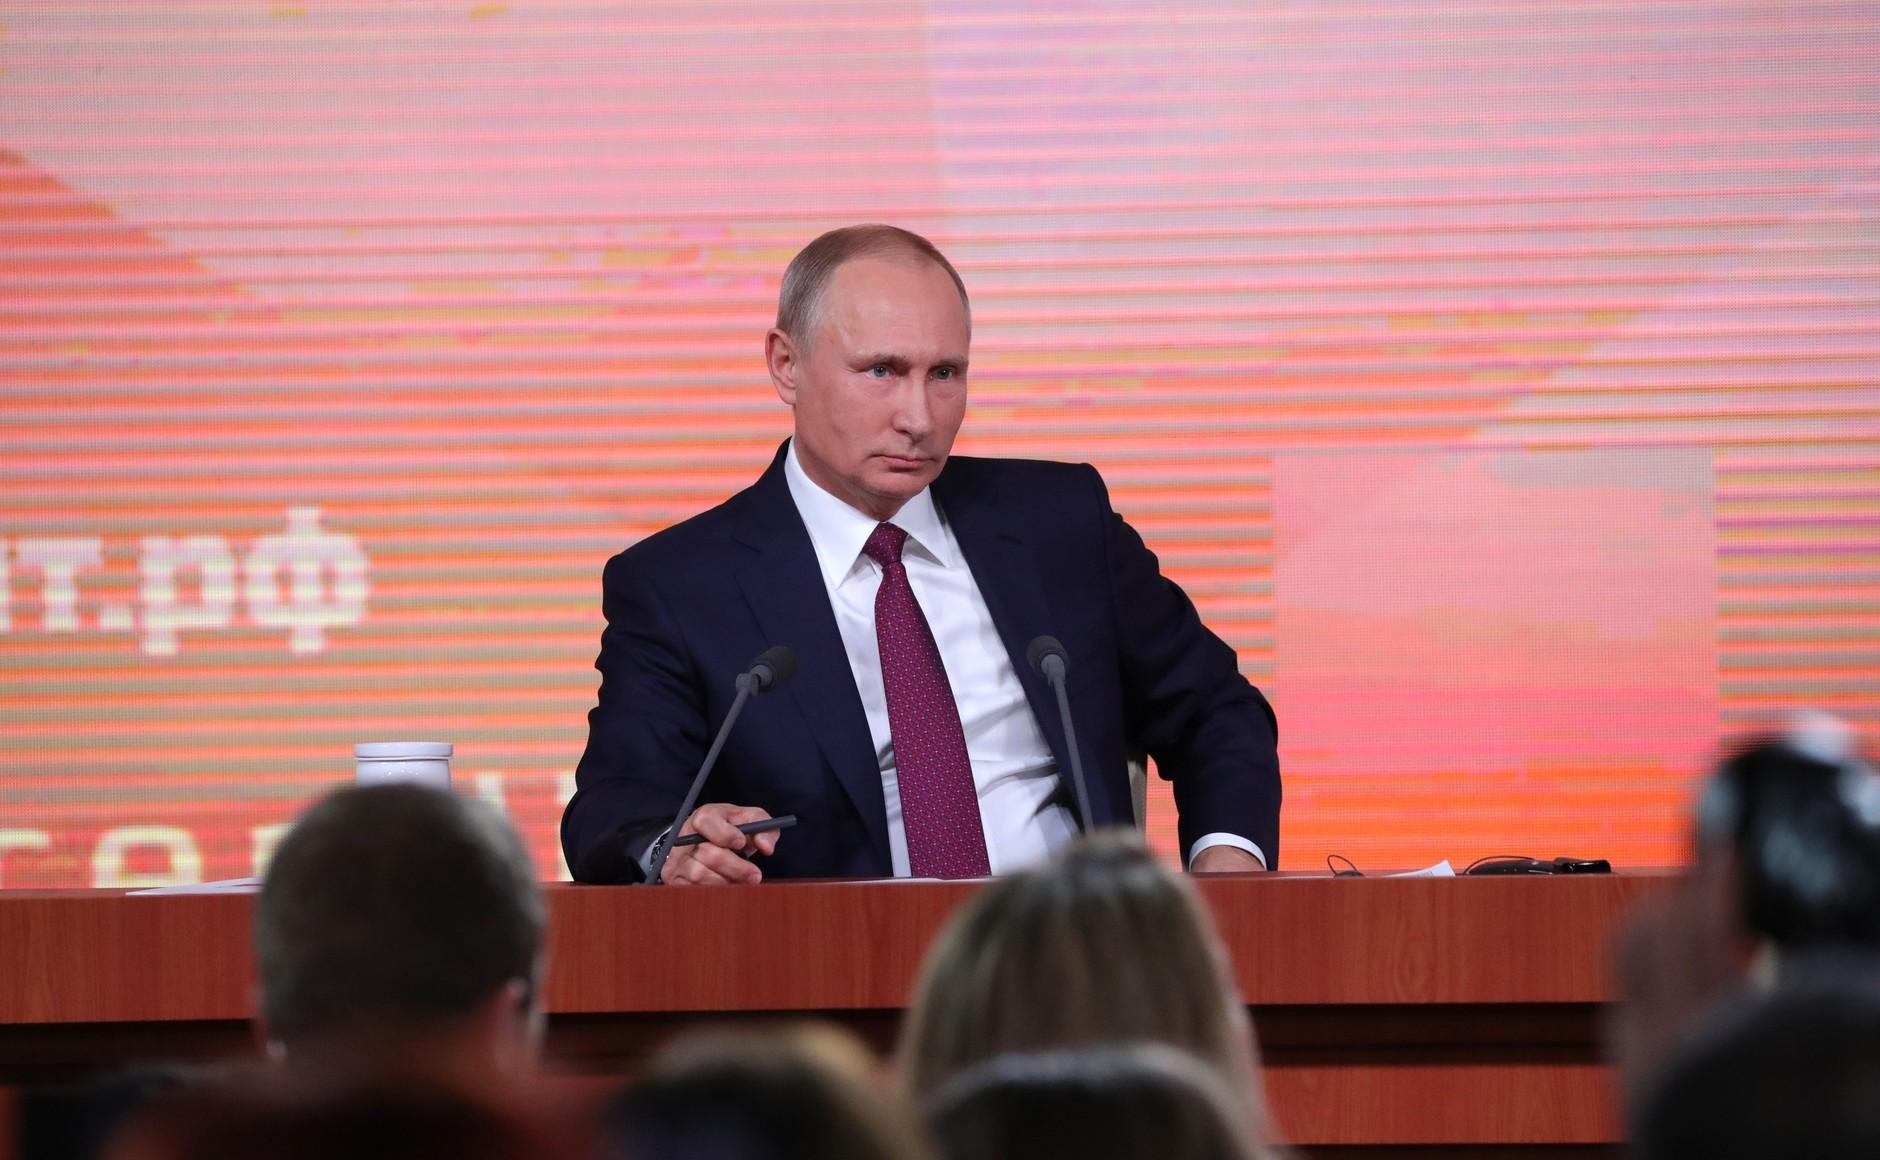 Около 1,4 млрд руб. нужно для ввода спорткомплекса-долгостроя воВладивостоке